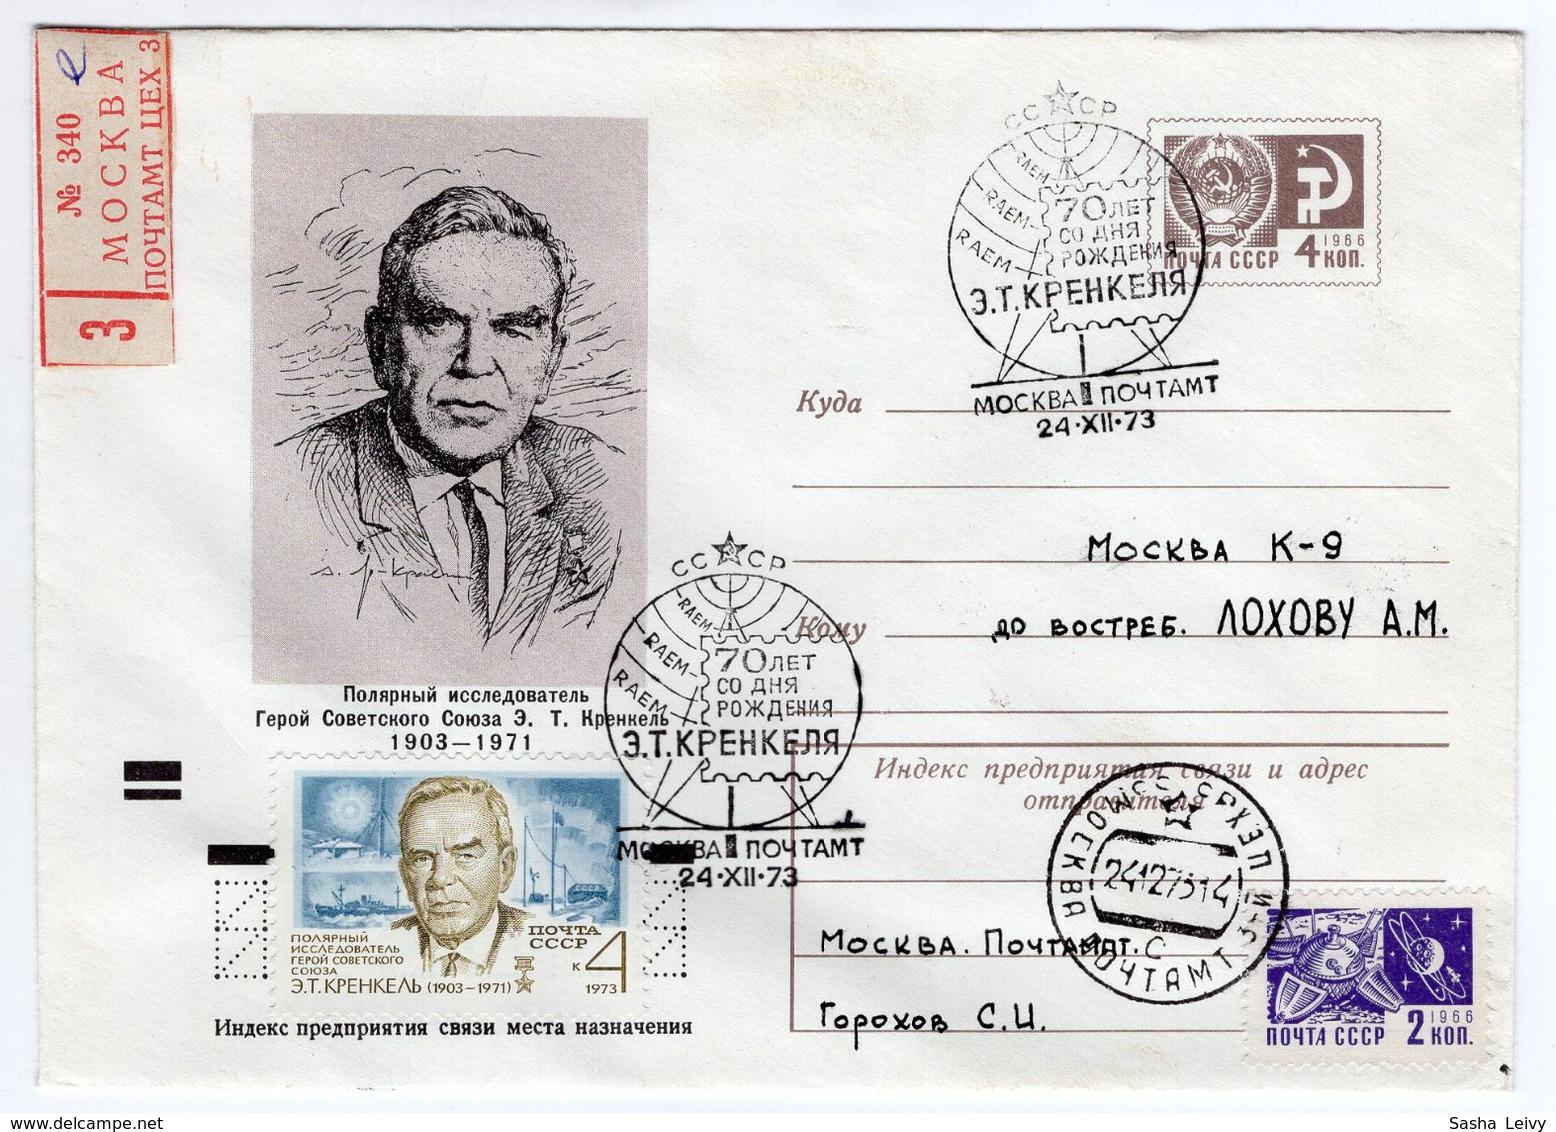 REGISTERED COVER USSR 1973 POLAR EXPLORER Е.T.KRENKEL #73-605 - Explorateurs & Célébrités Polaires